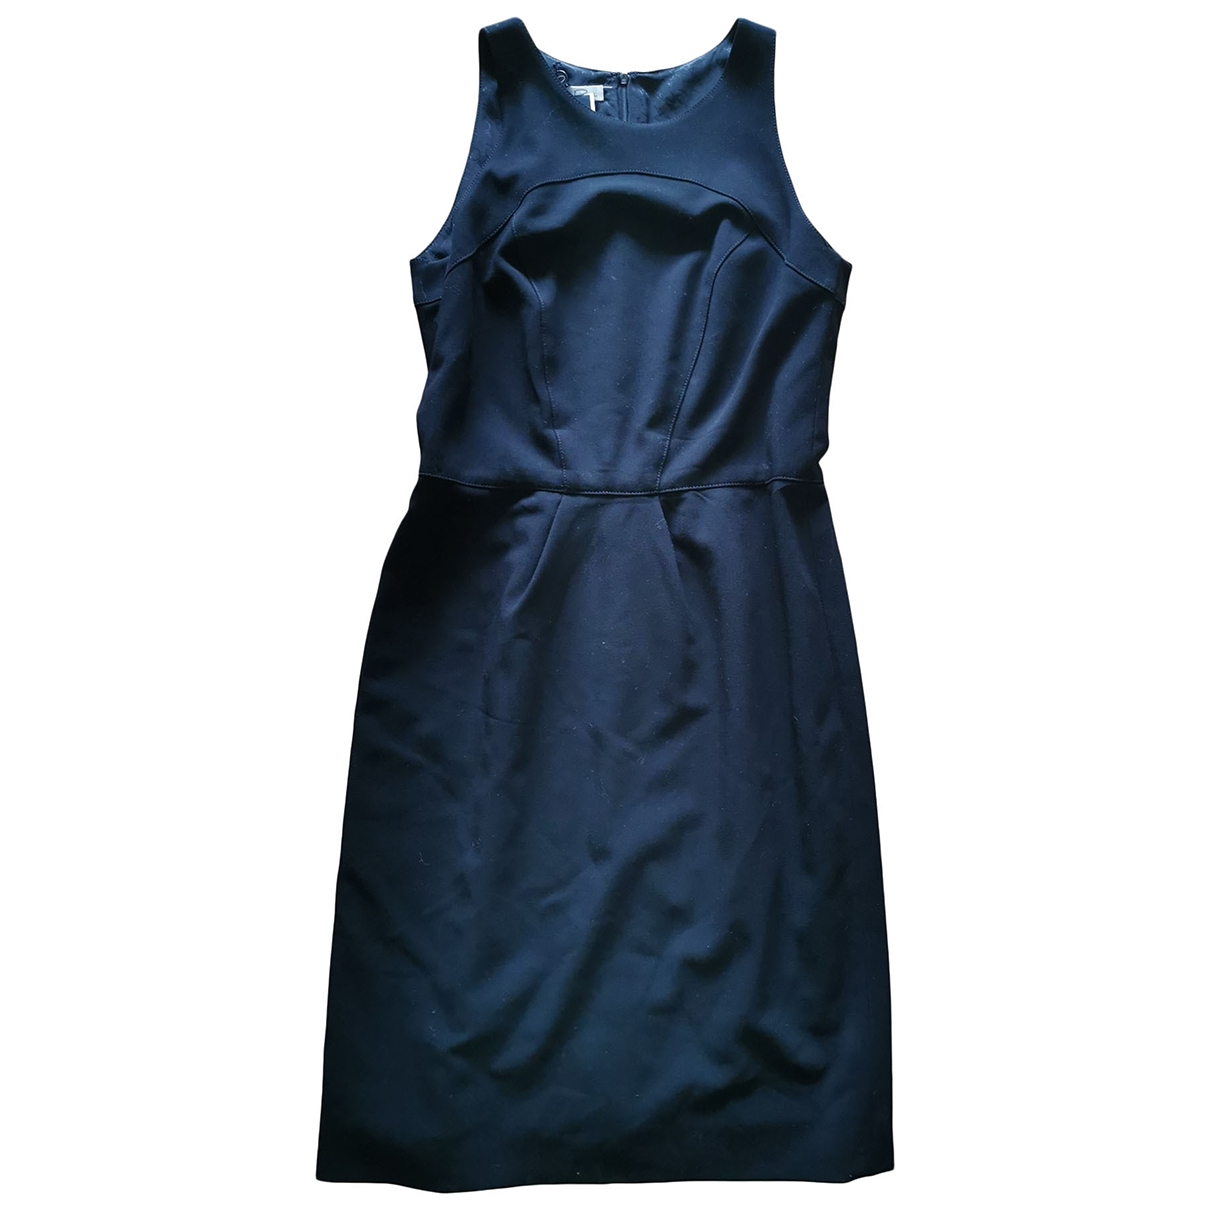 Oscar De La Renta \N Black Wool dress for Women 10 US